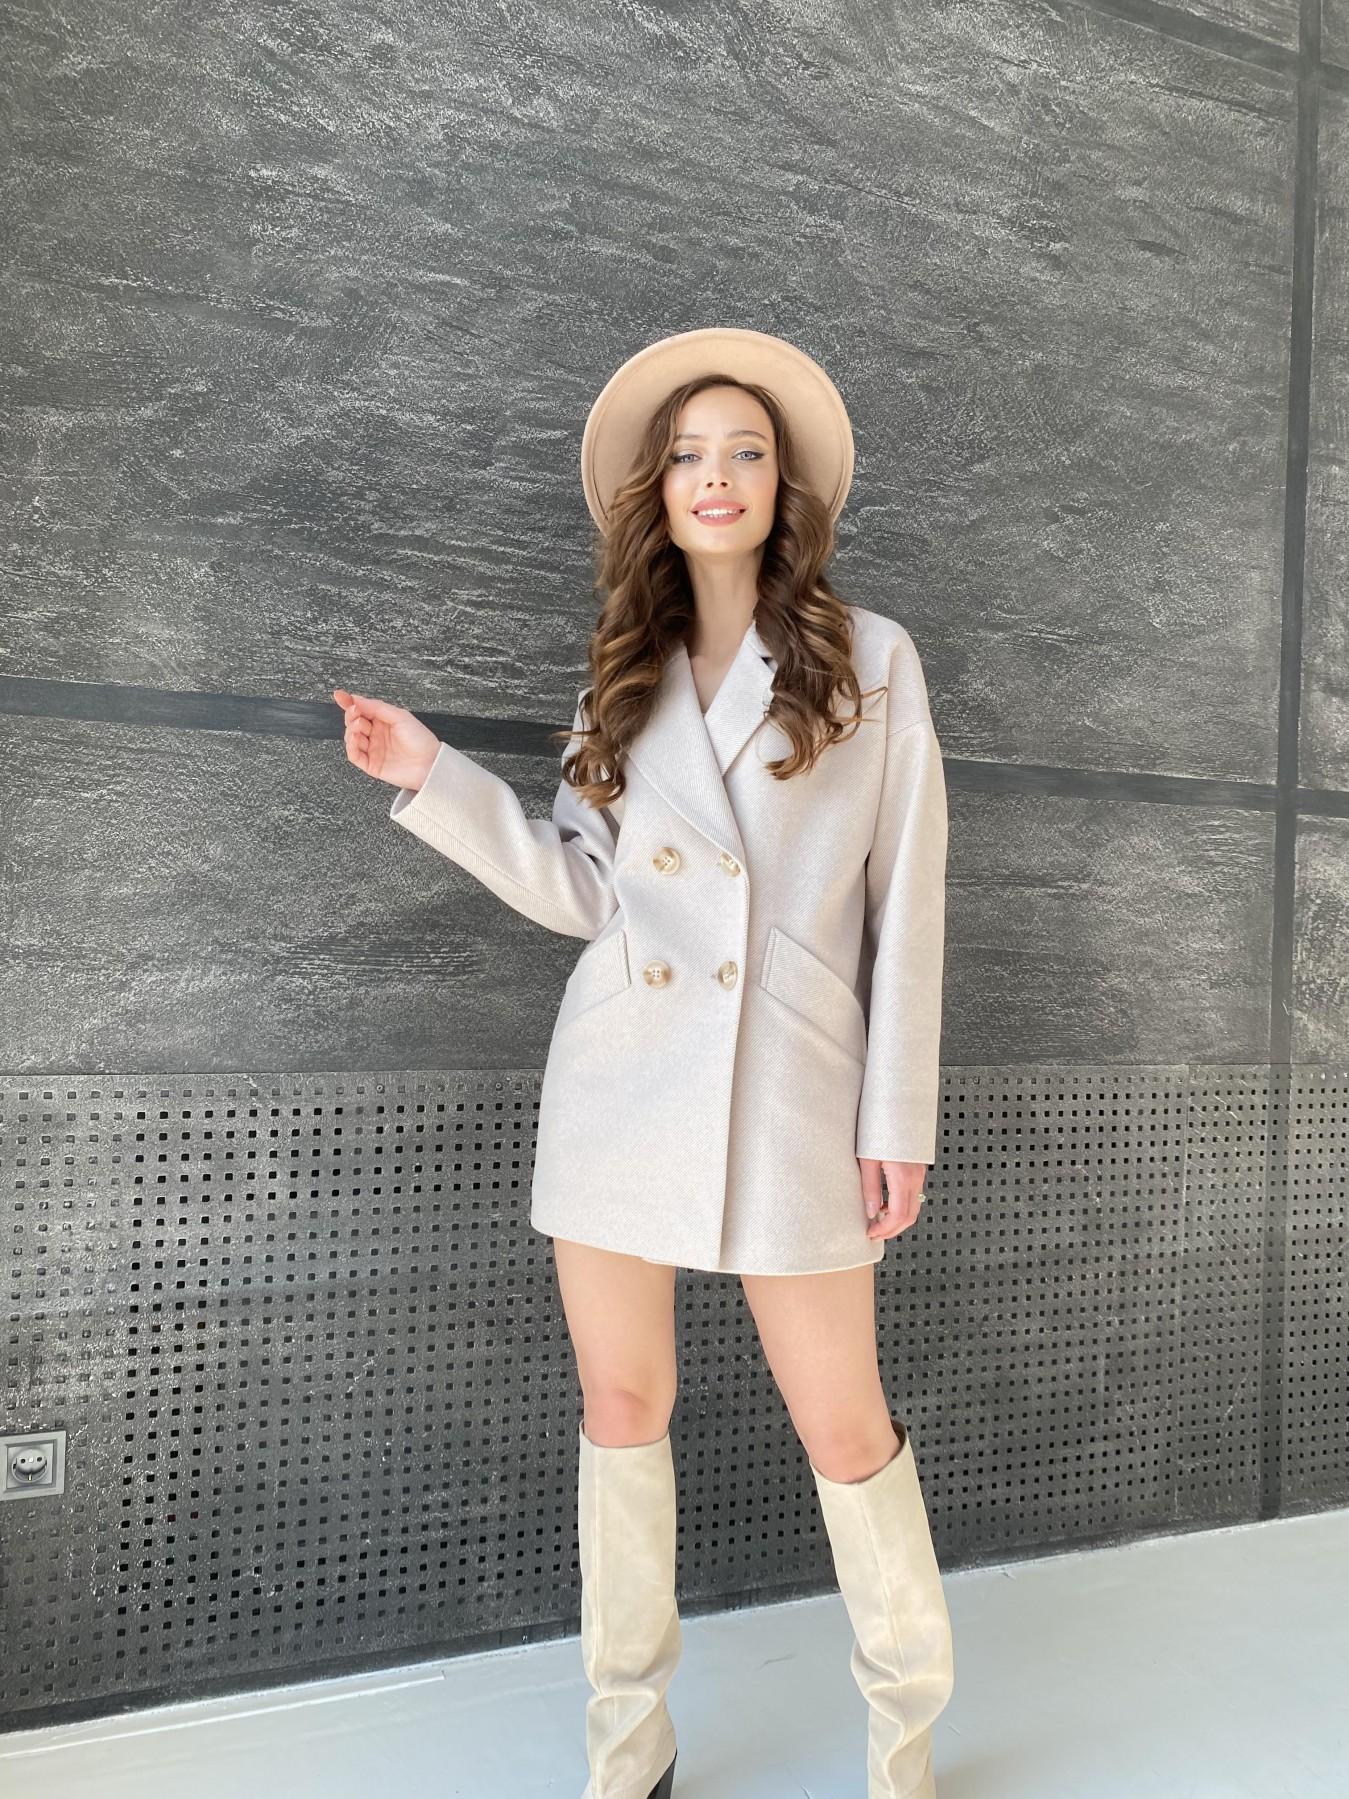 Бонд Диагональ пальто из пальтовой ткани  10757 АРТ. 47189 Цвет: Бежевый - фото 3, интернет магазин tm-modus.ru